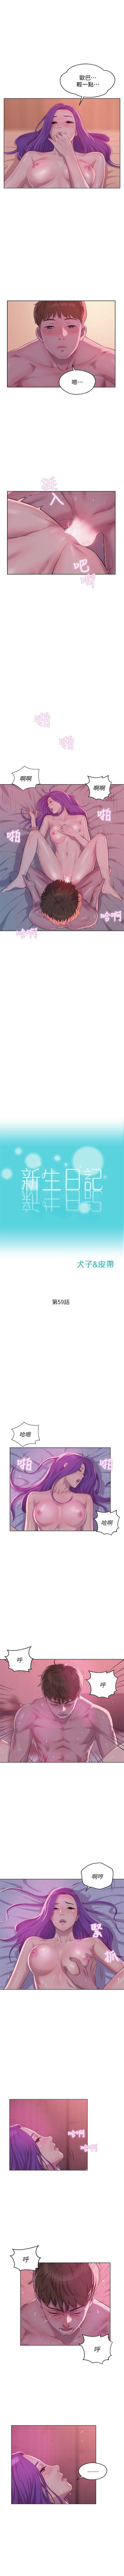 新生淫乱日记 1-61完结(中文) 315